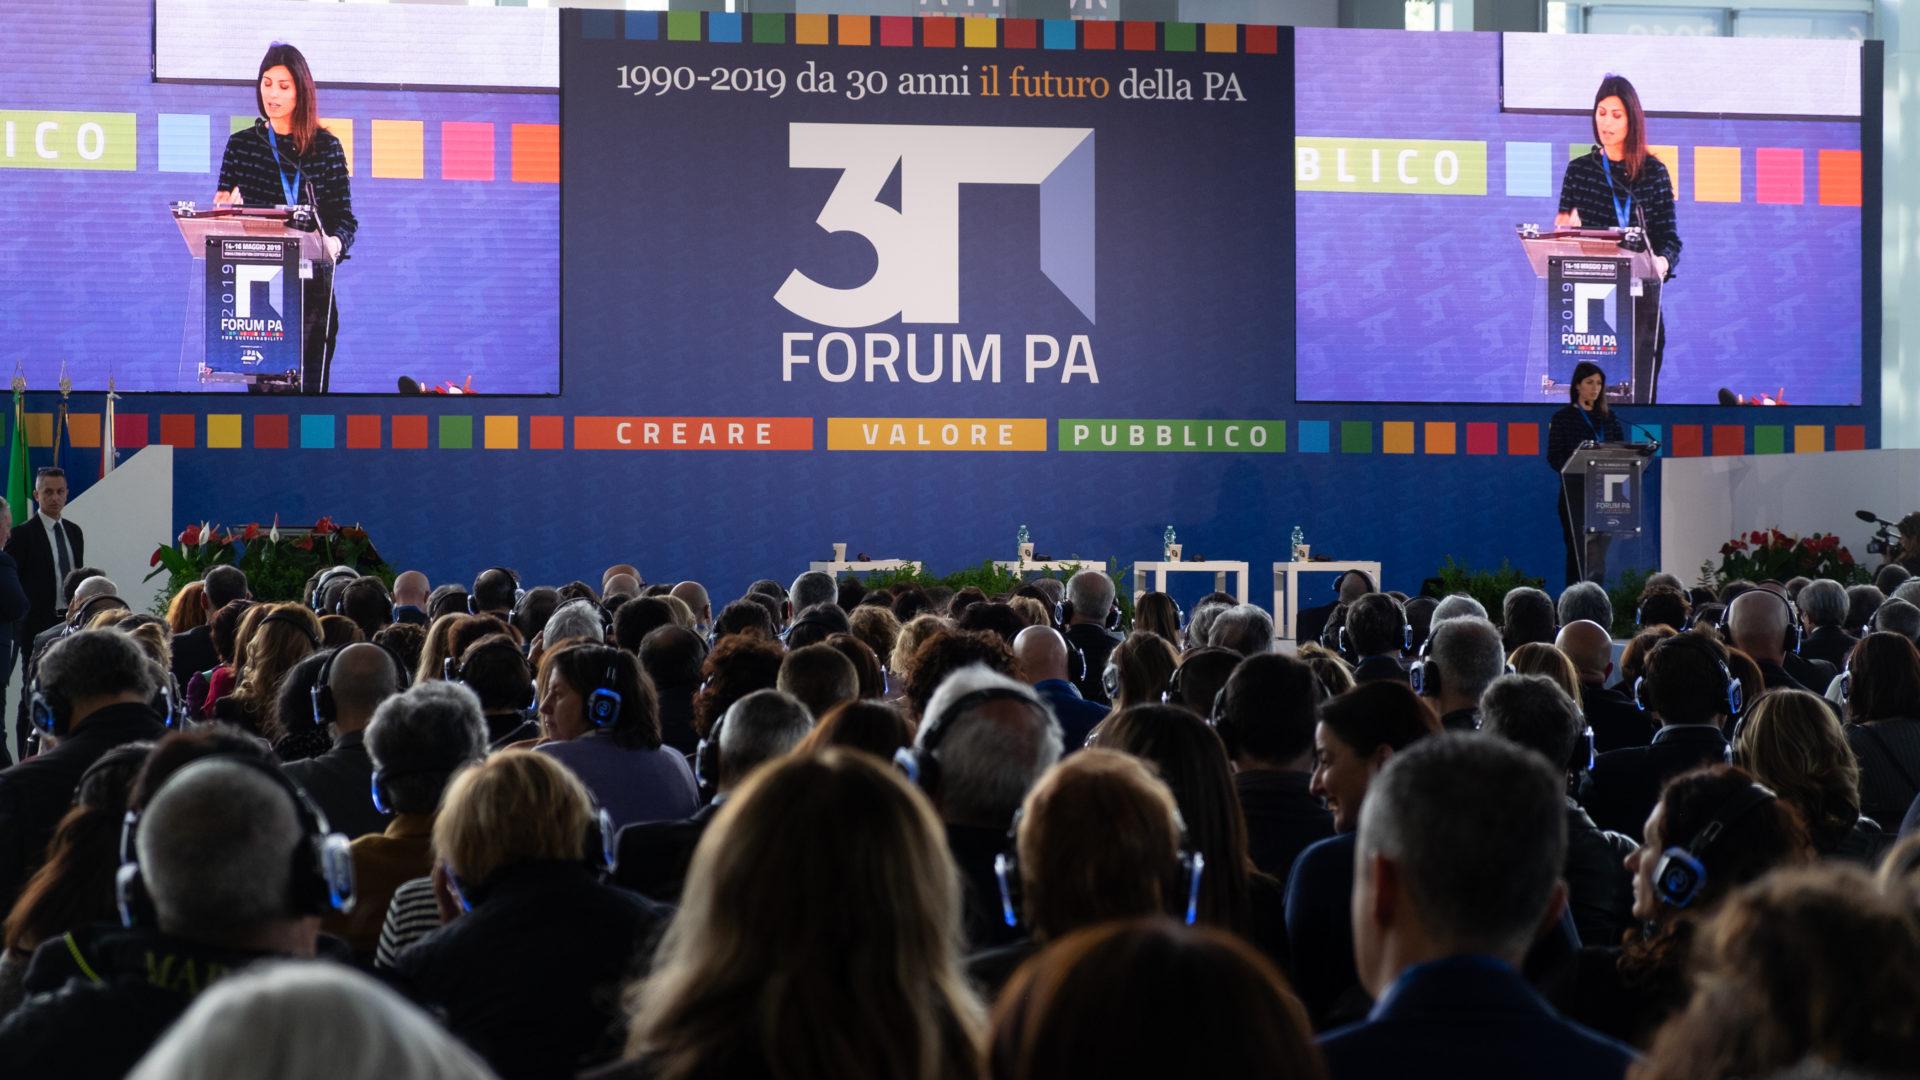 L'intervento della sindaca Raggi a Forum PA (foto Stefano Corso)